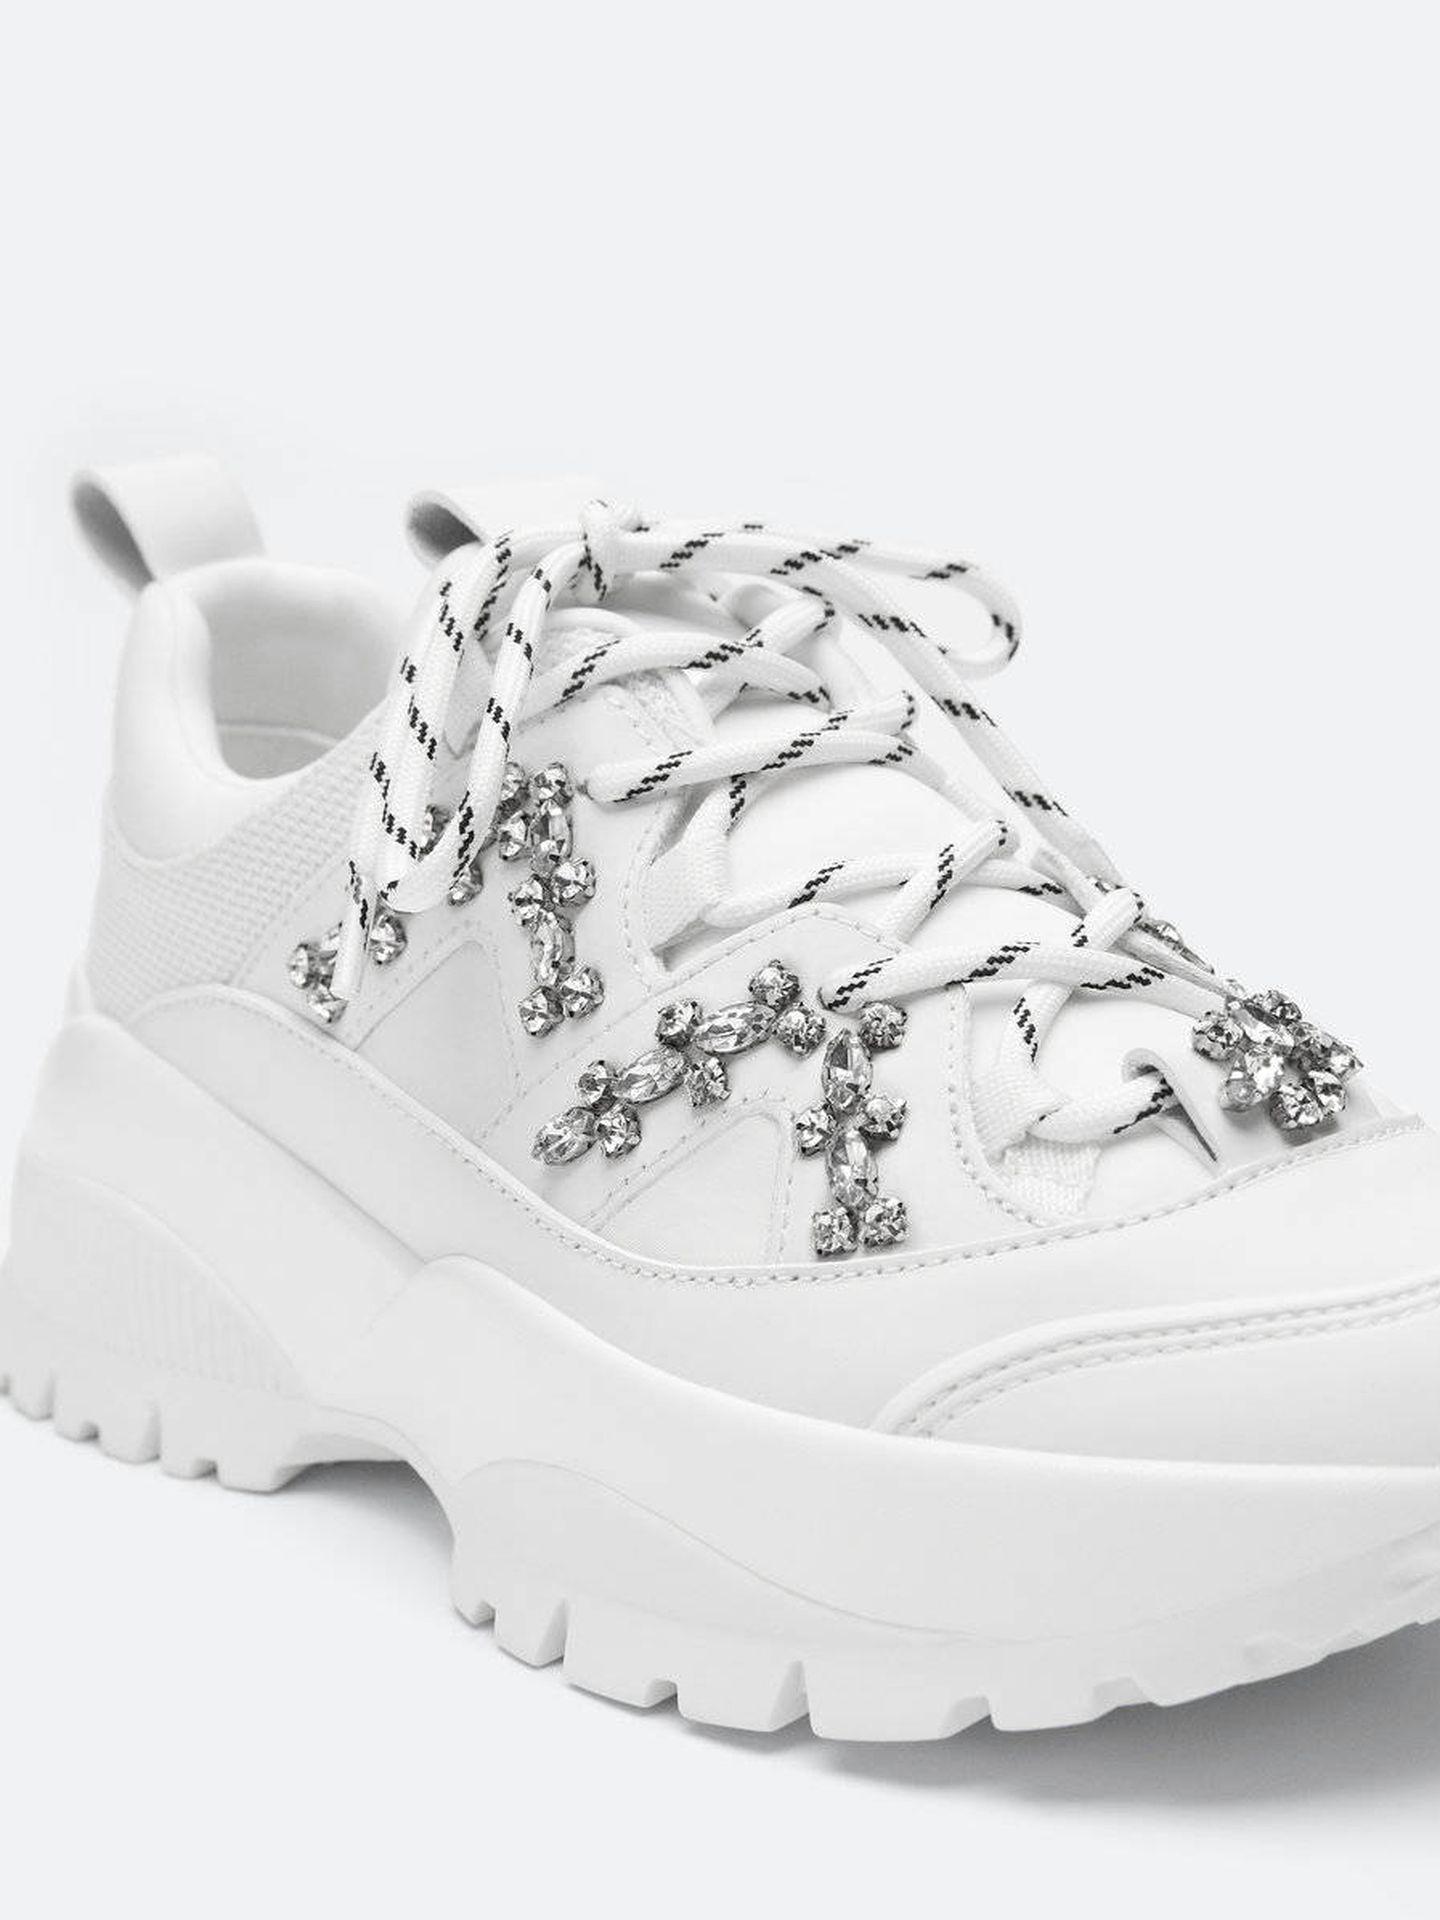 Las zapatillas deportivas de Uterqüe. (Cortesía)